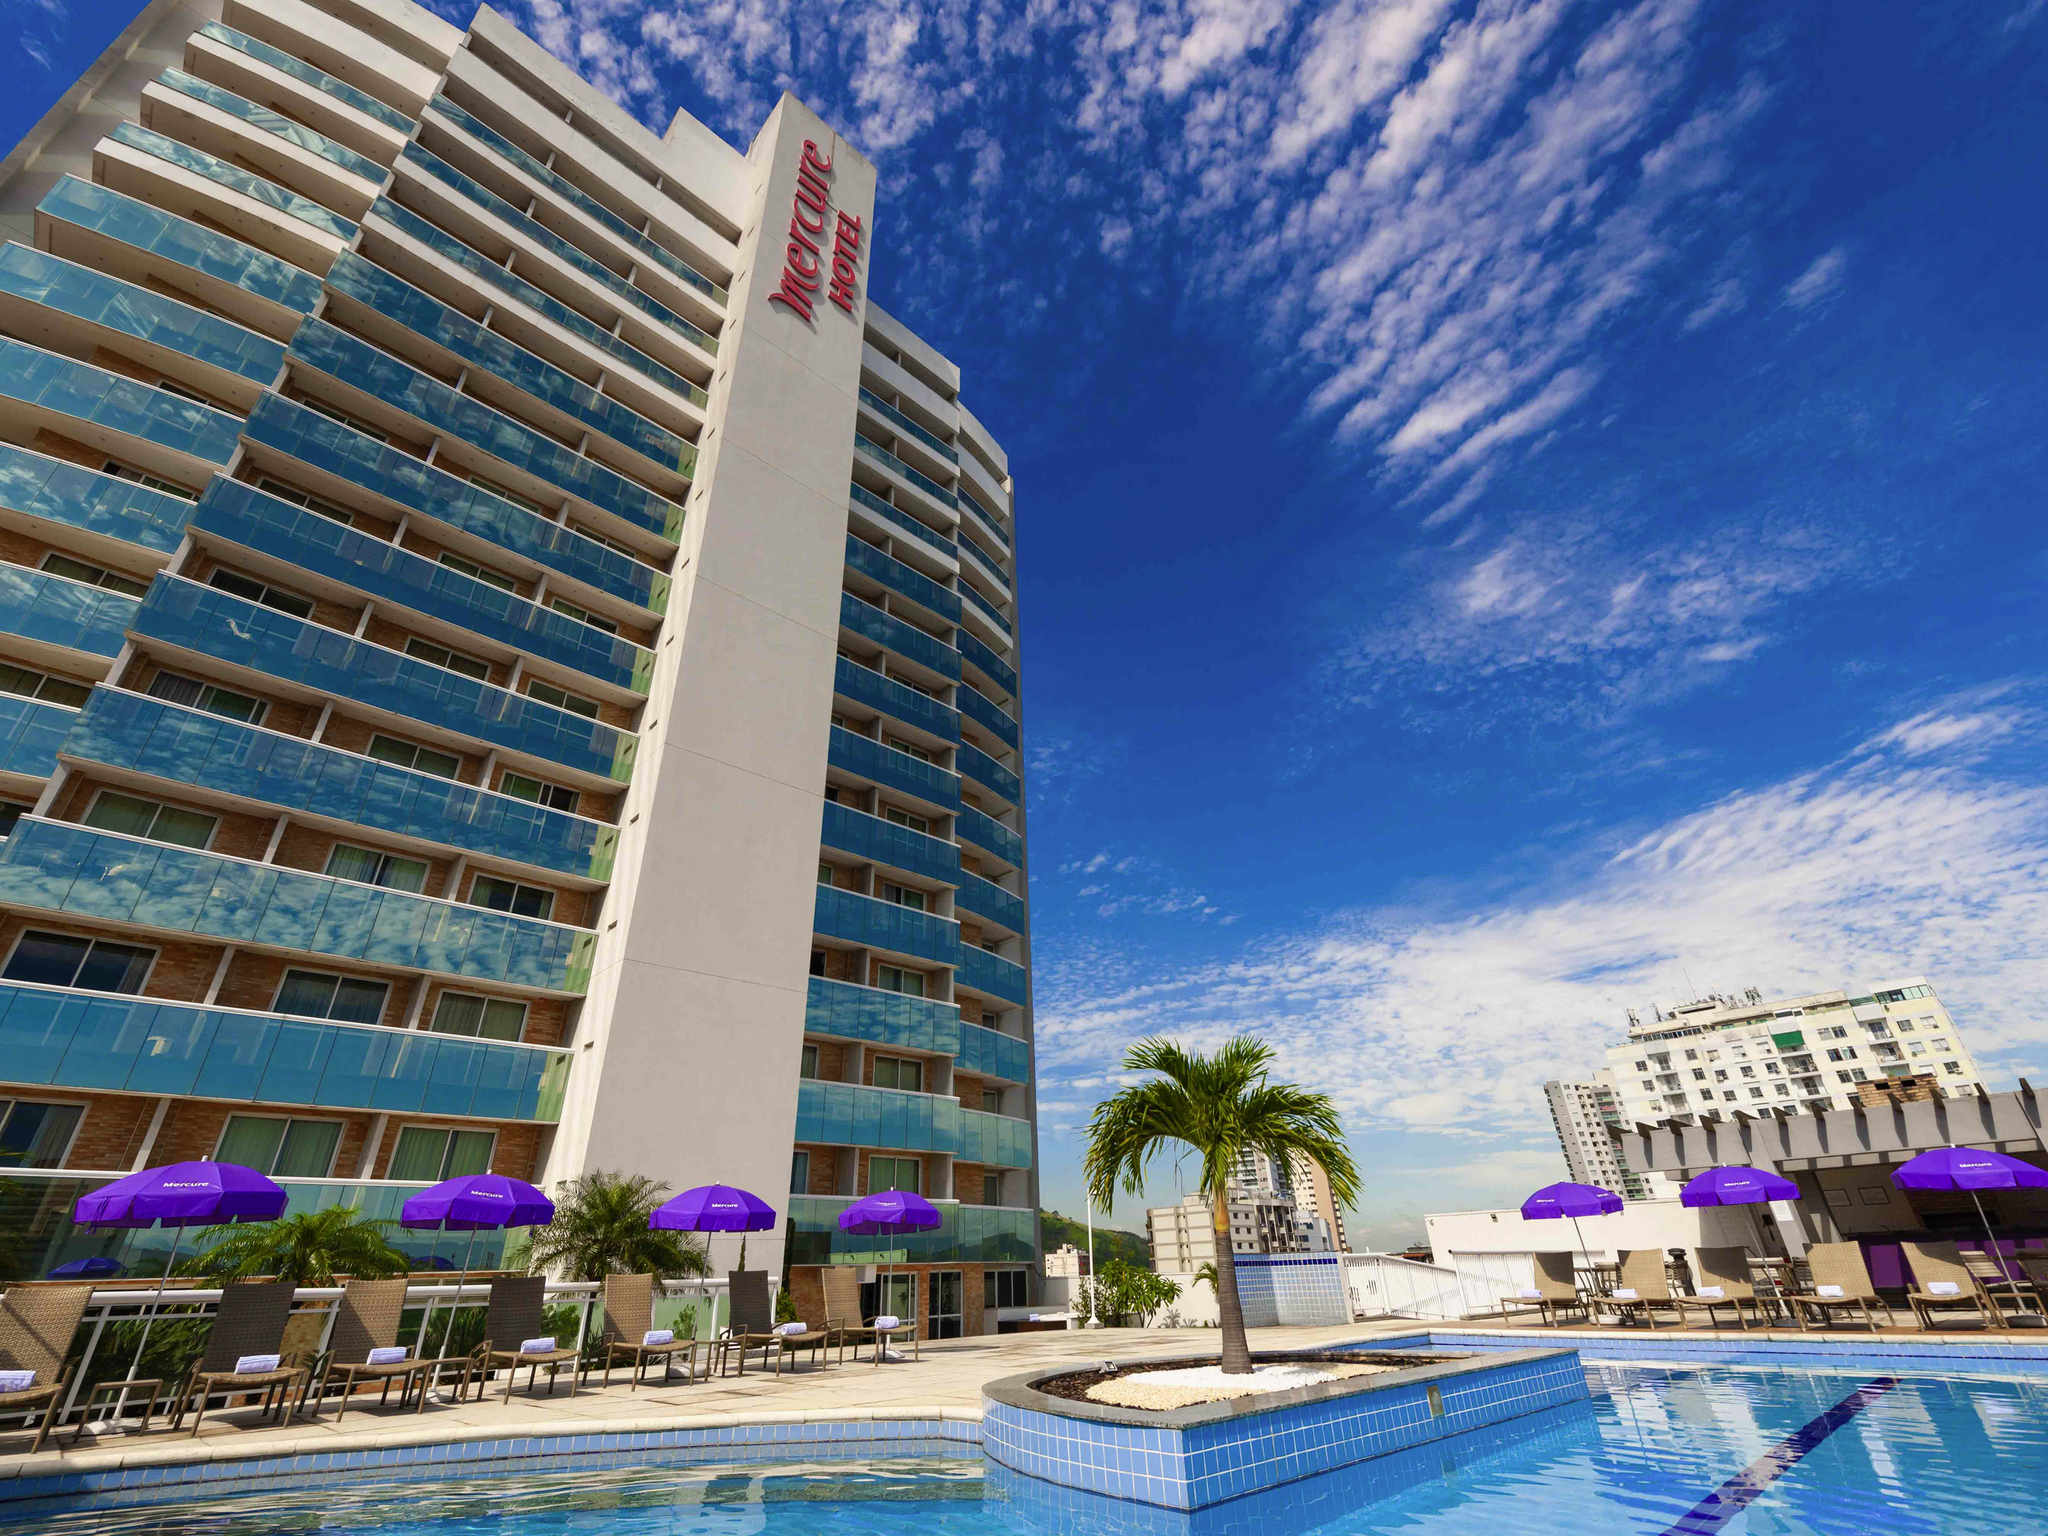 Hotell – Mercure Rio de Janeiro Nova Iguacu Hotel